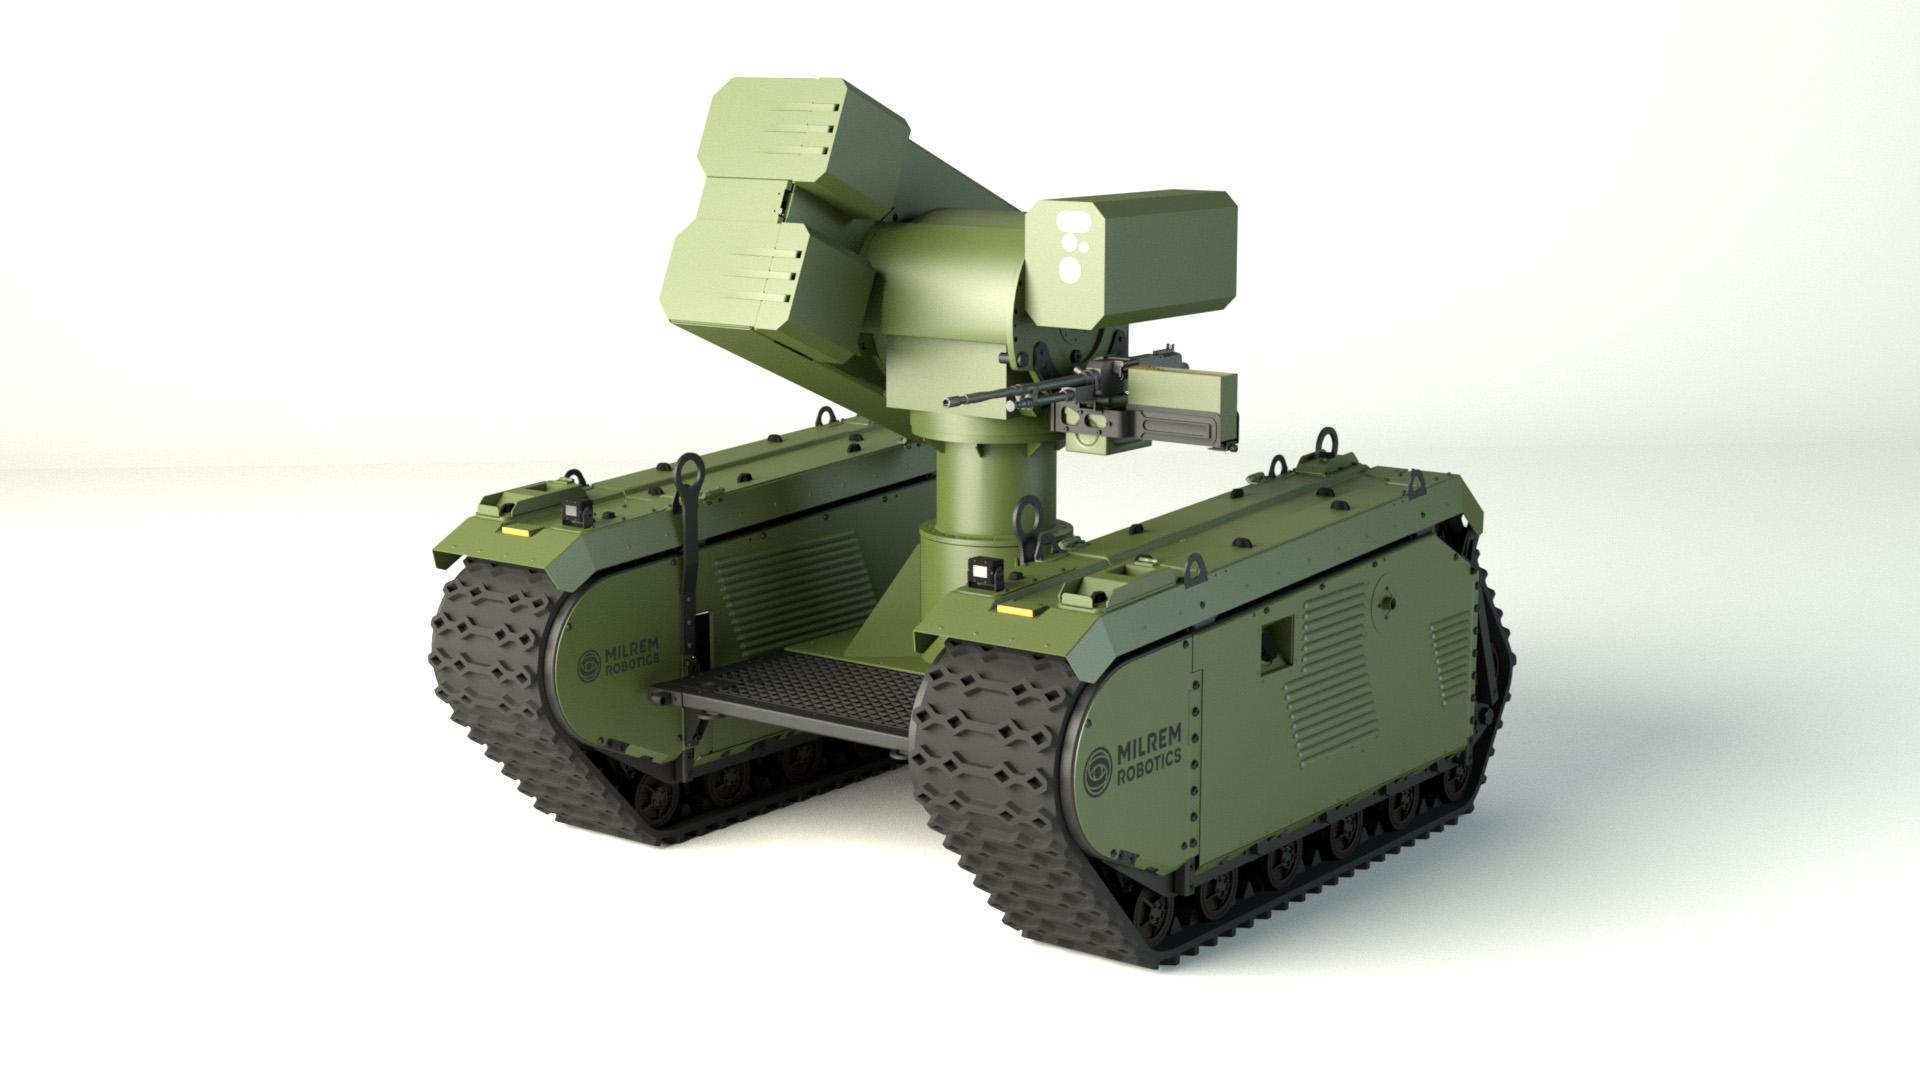 Изображение предполагаемой к разработке европейским объединением MBDA и эстонской компанией Milrem Robotics безэкипажной роботизированной противотанковой системы с установкой ракетного модуля MBDA IMPACT (Integrated MMP Precision Attack Combat Turret).